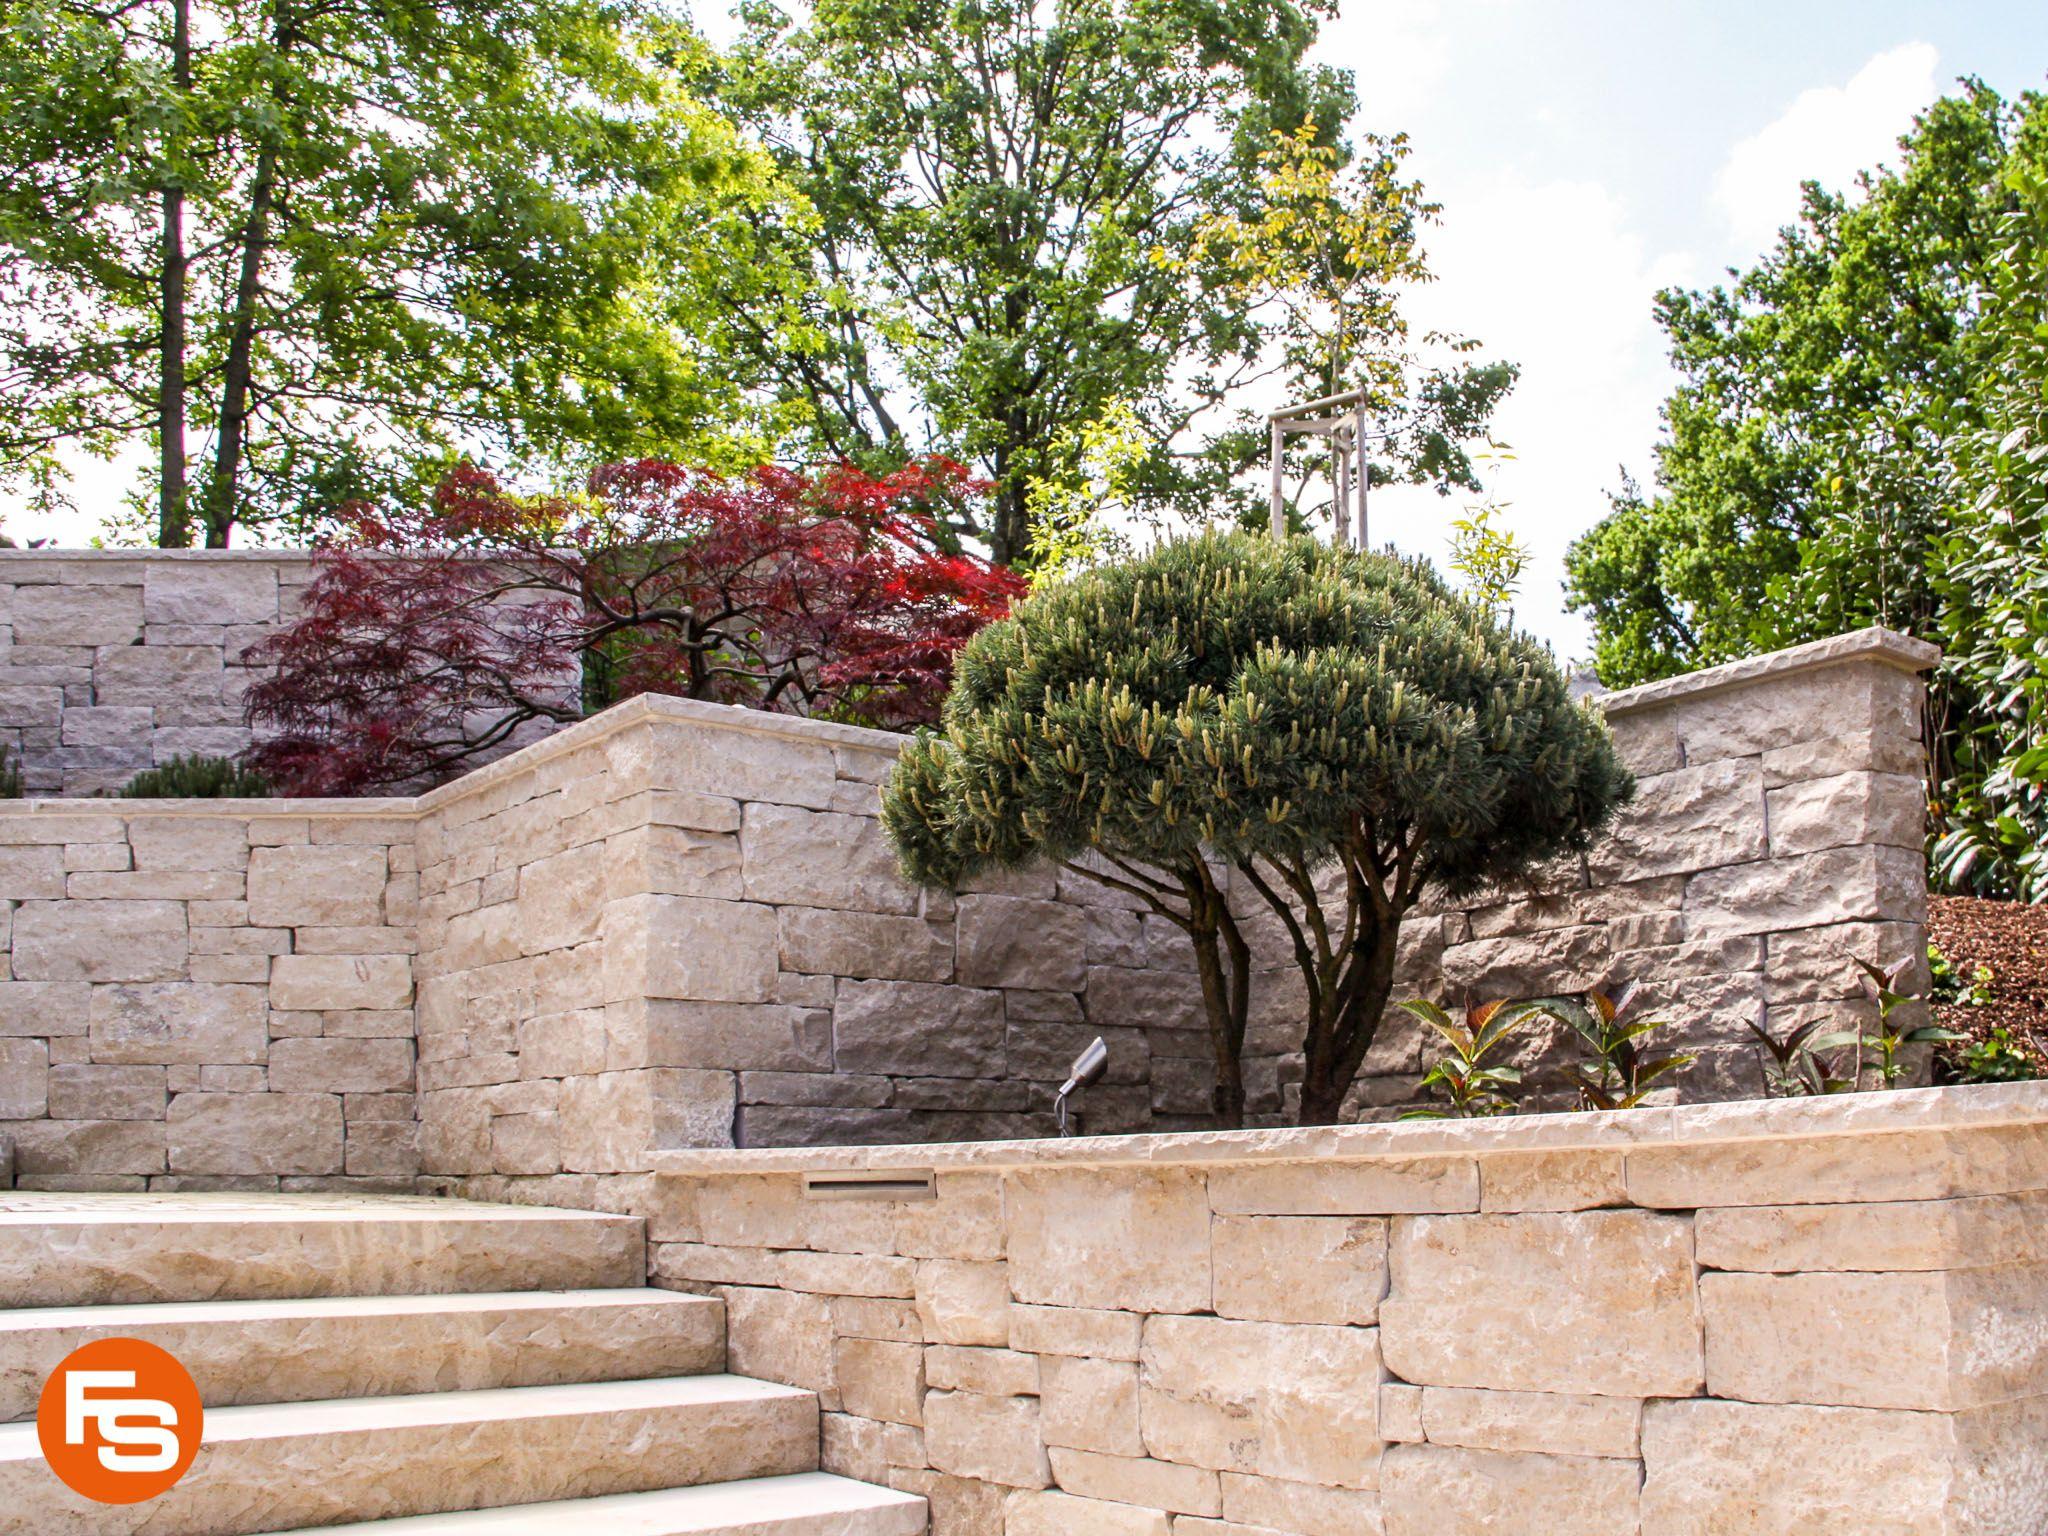 Dietfurter Kalkstein dietfurter kalkstein gala antik getrommelt privatgarten mit